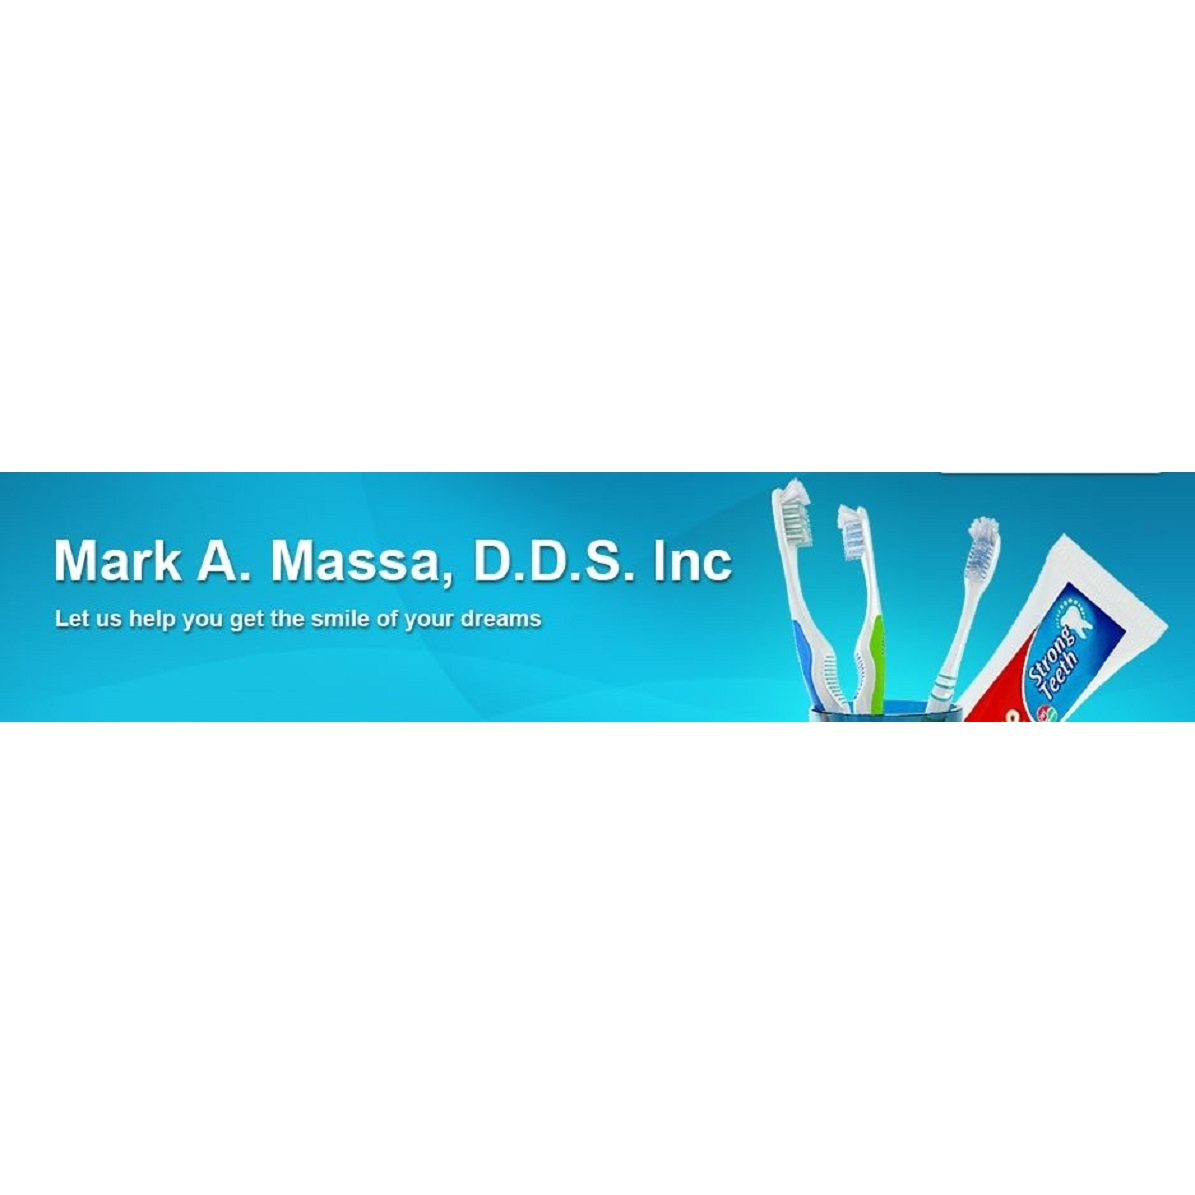 Mark A. Massa, DDS, Inc.